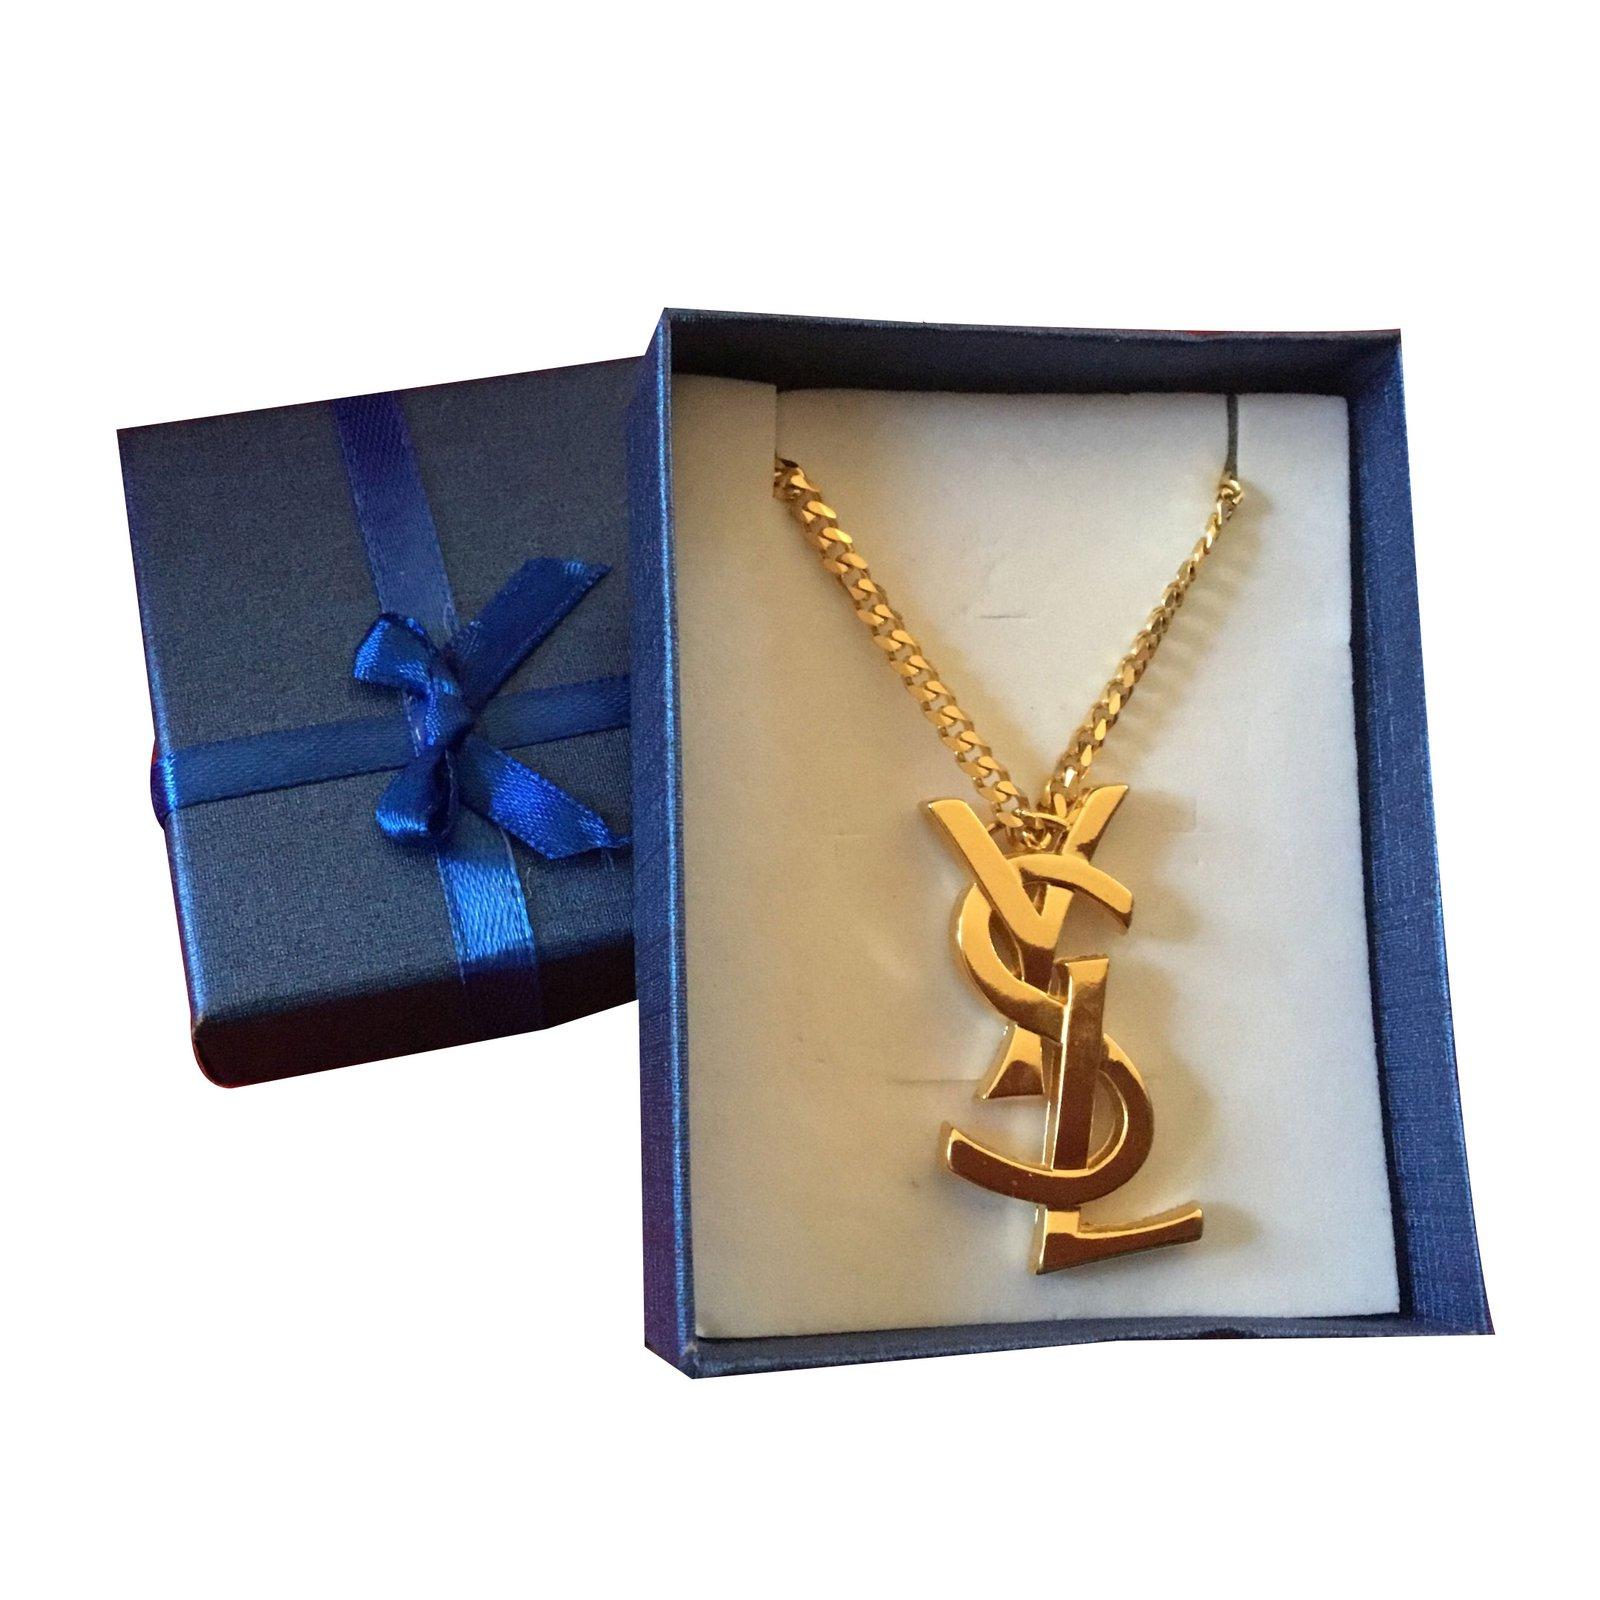 02714730031 Yves Saint Laurent Pendant necklaces Pendant necklaces Metal Golden  ref.66809